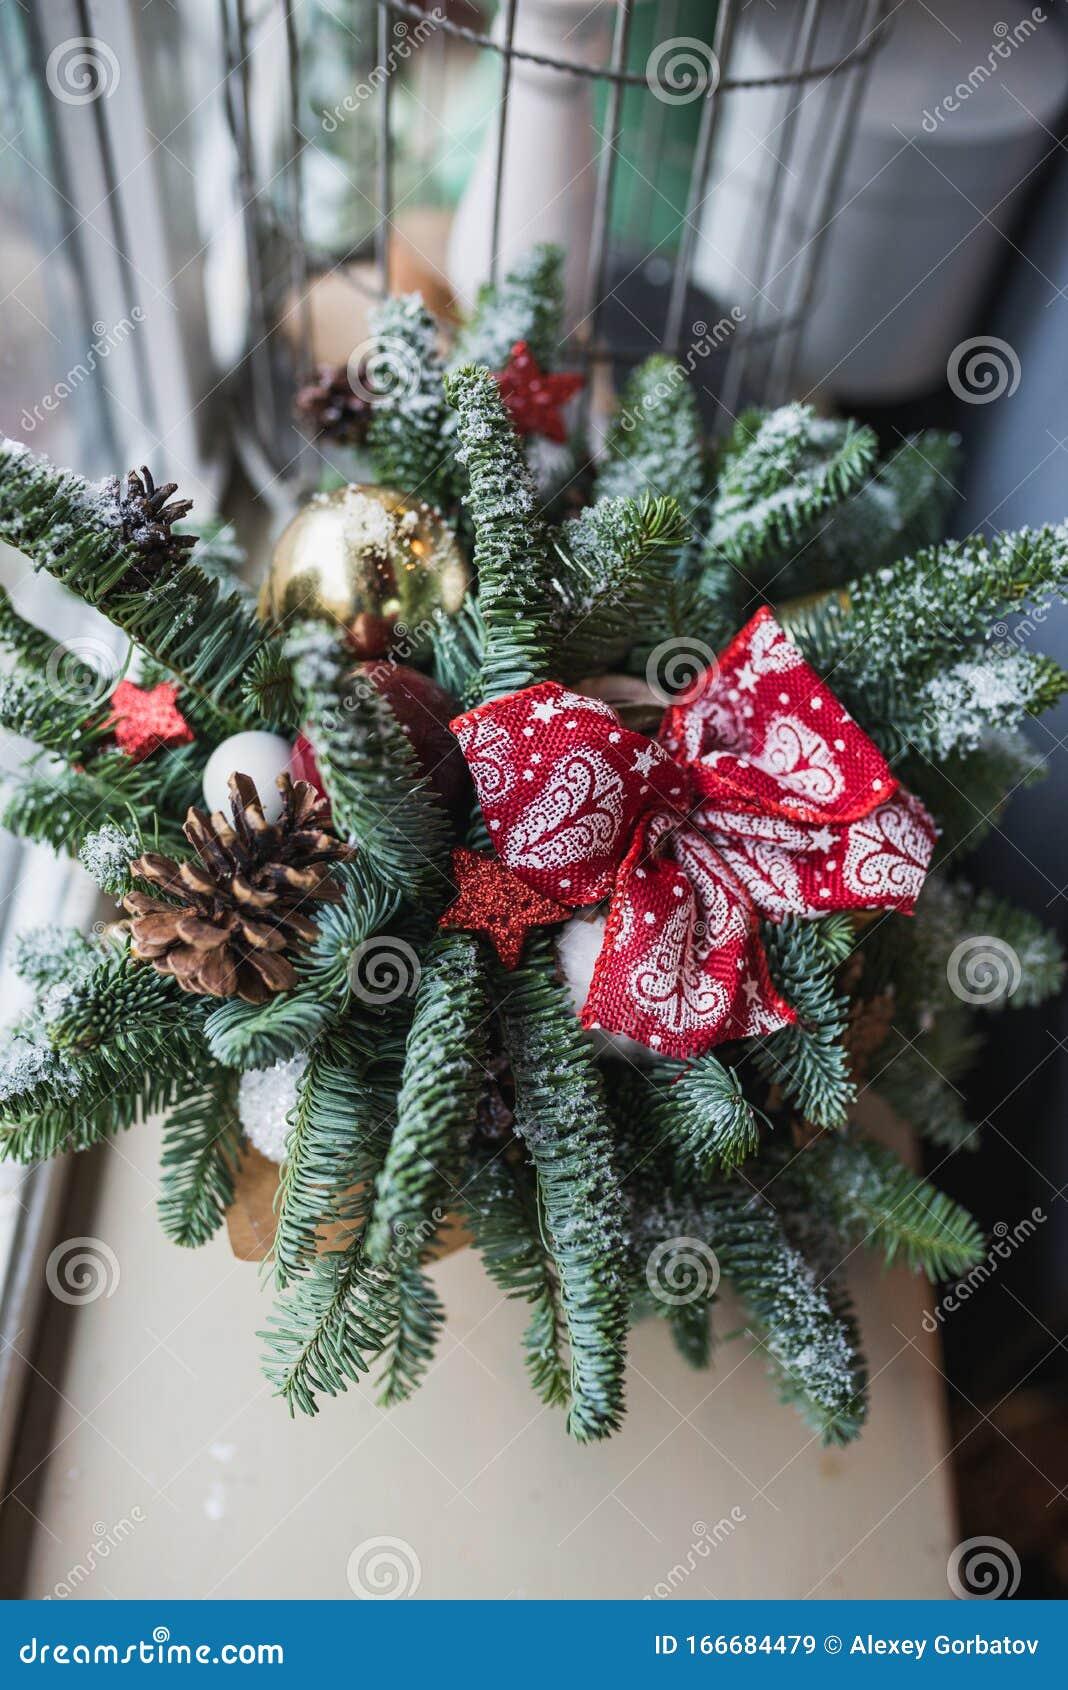 Christmas Feeding Christmas Decorations And Decor Lights